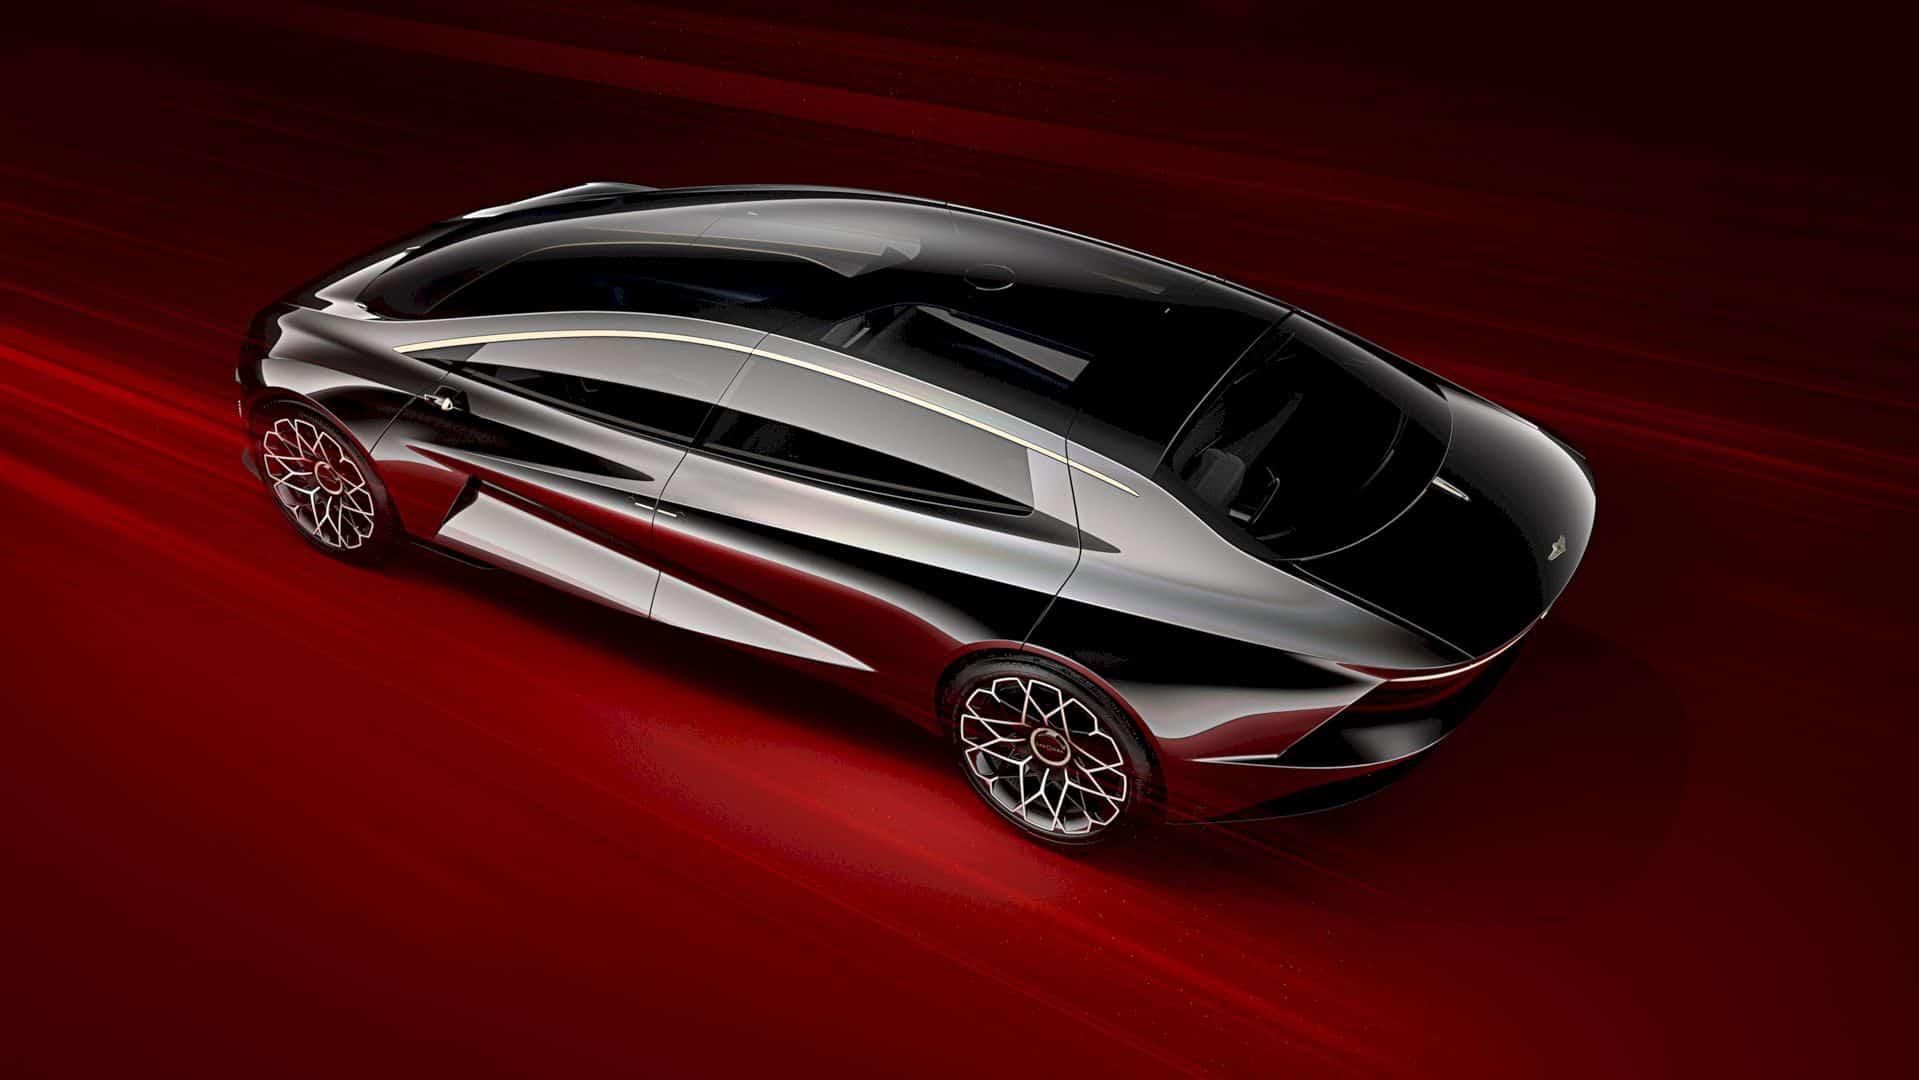 Lagonda Vision Concept By Aston Martin 8